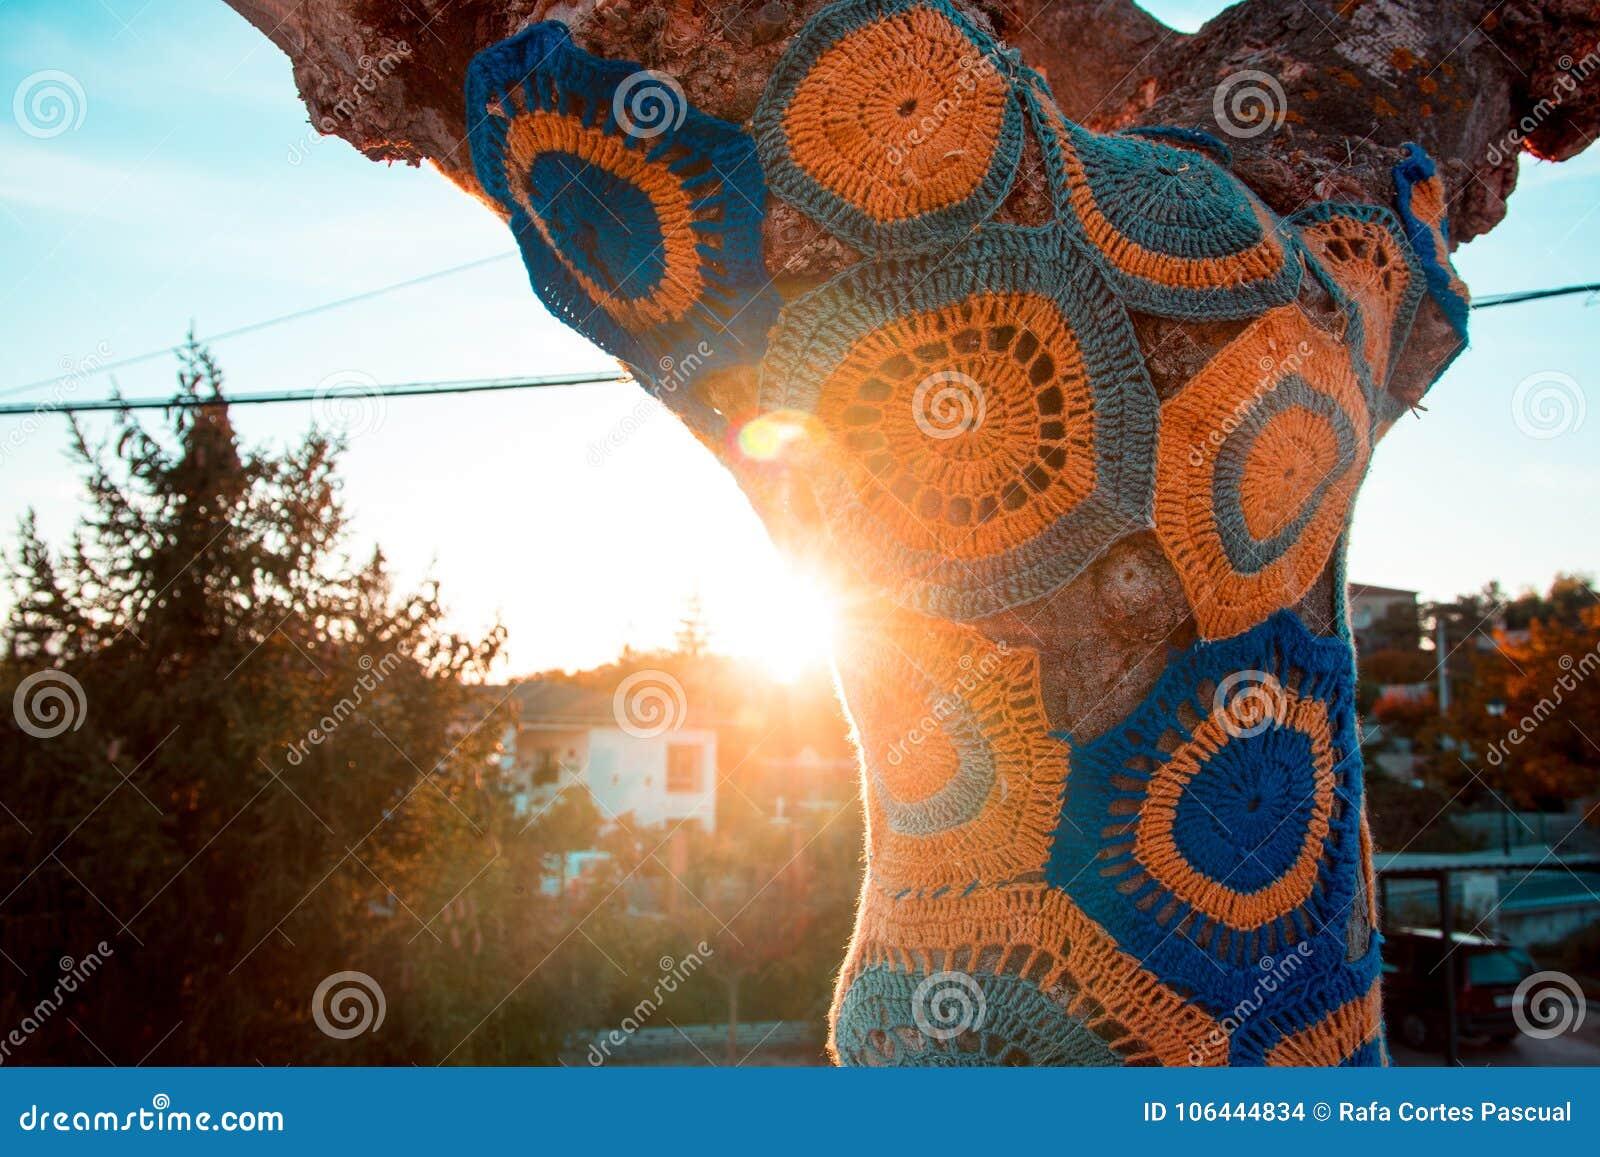 Artistiek verfraaide boom met gekleurde wol, boom met onweer